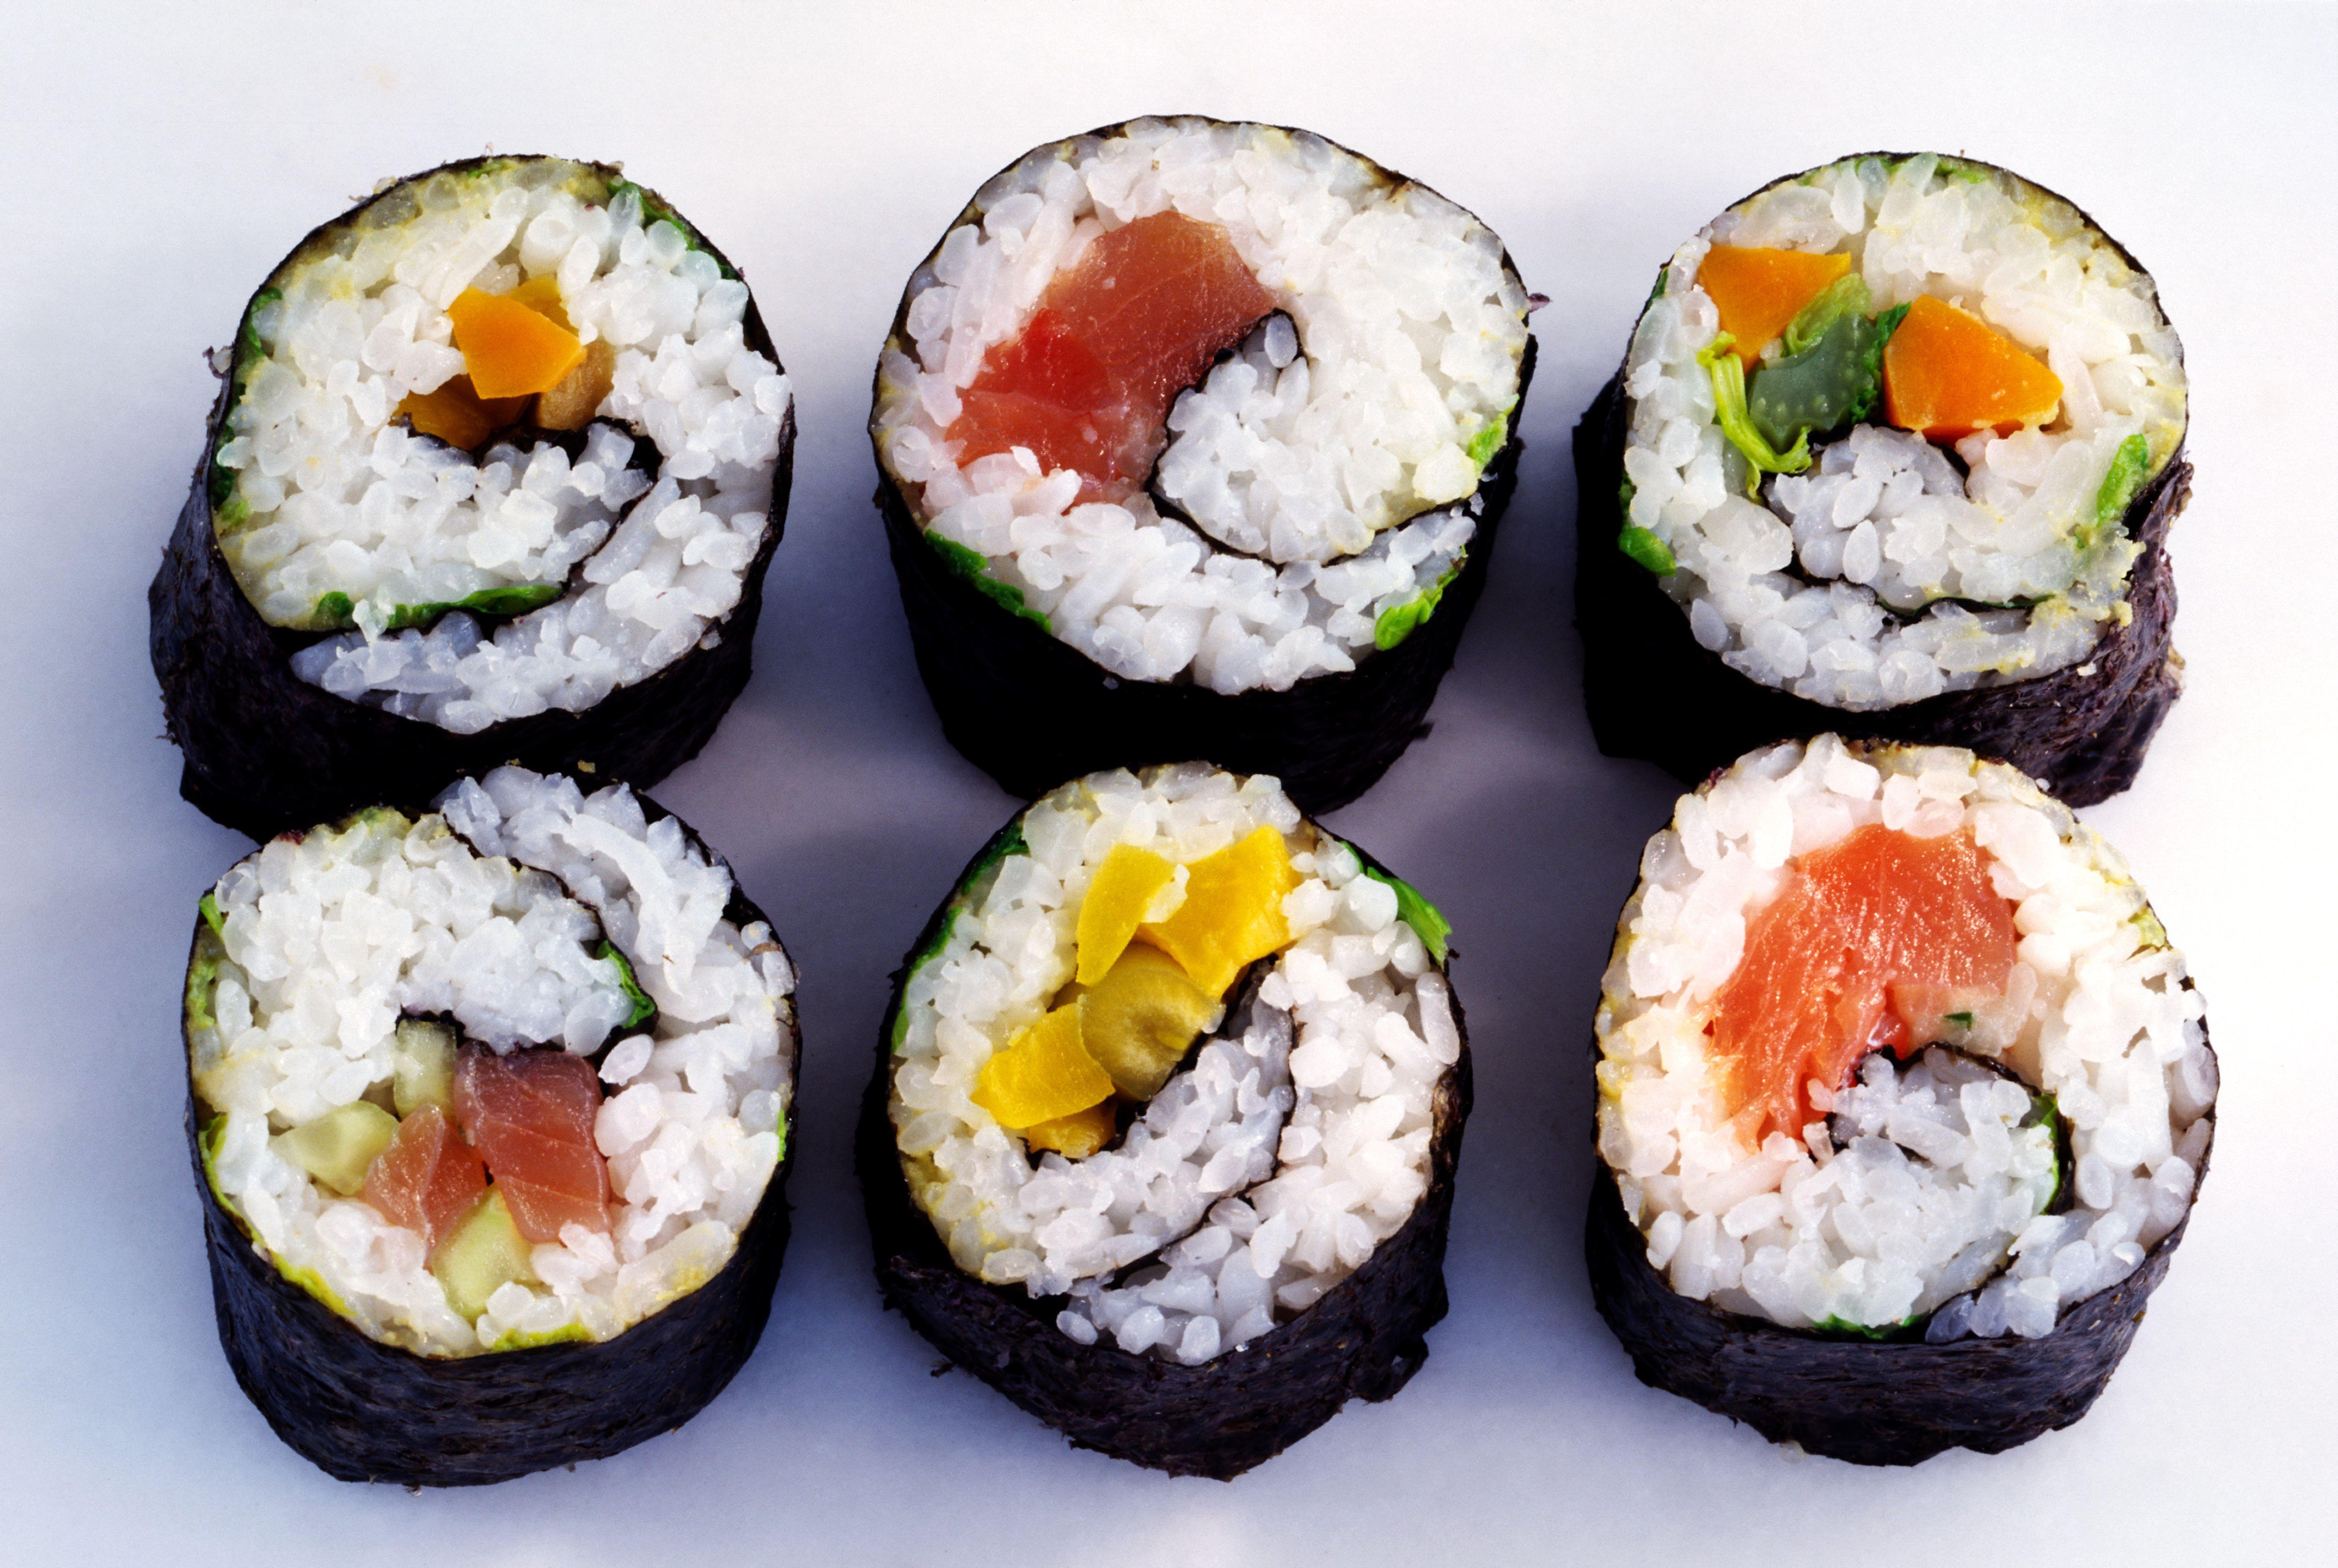 метеорологическому прогнозу, виды суши и роллов фото часть